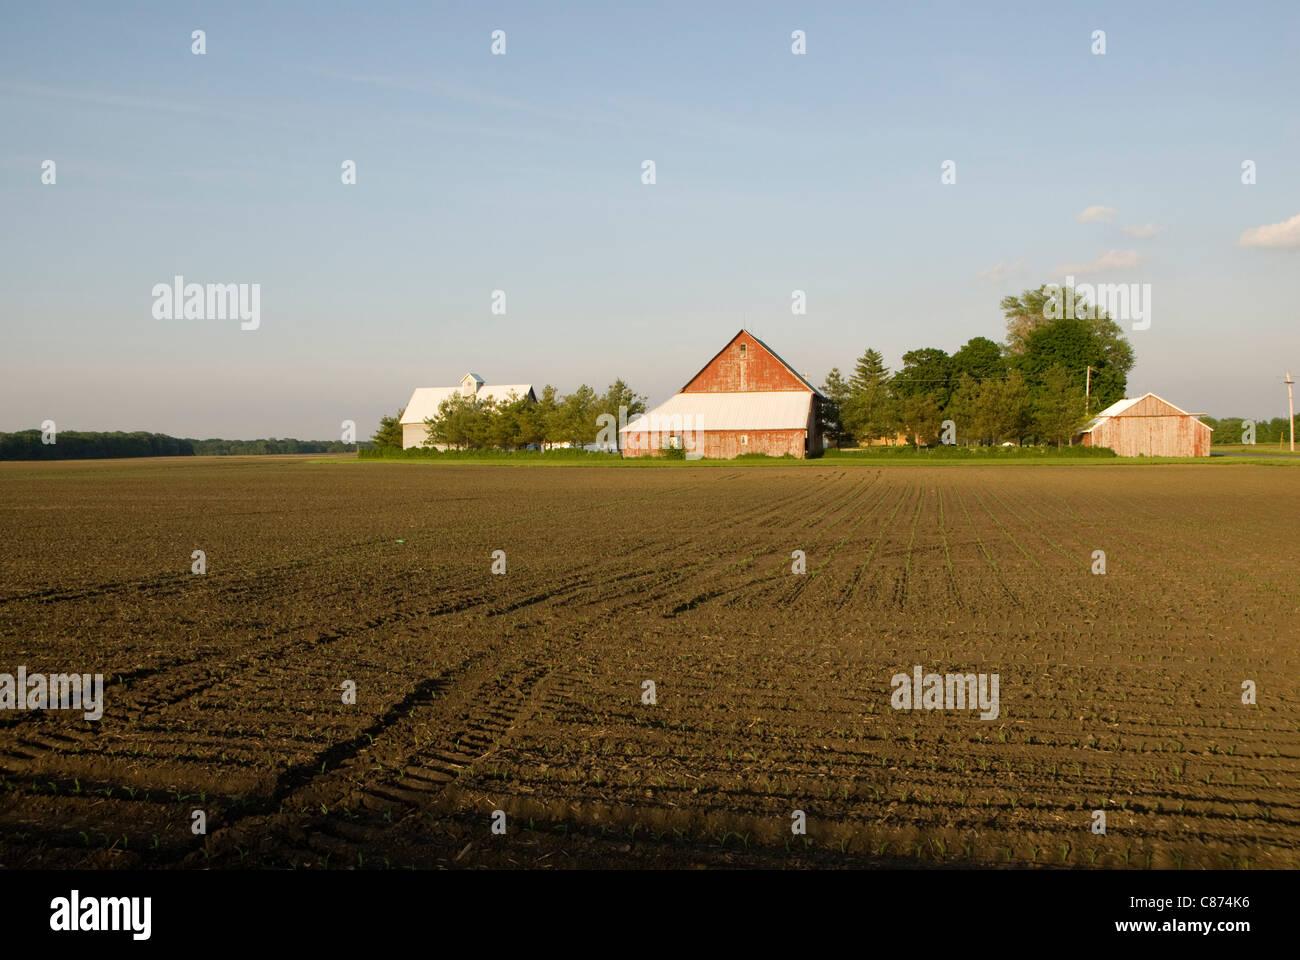 Edifici agricoli e prairie, vicino a Champaign Urbana, Illinois, Stati Uniti d'America Immagini Stock